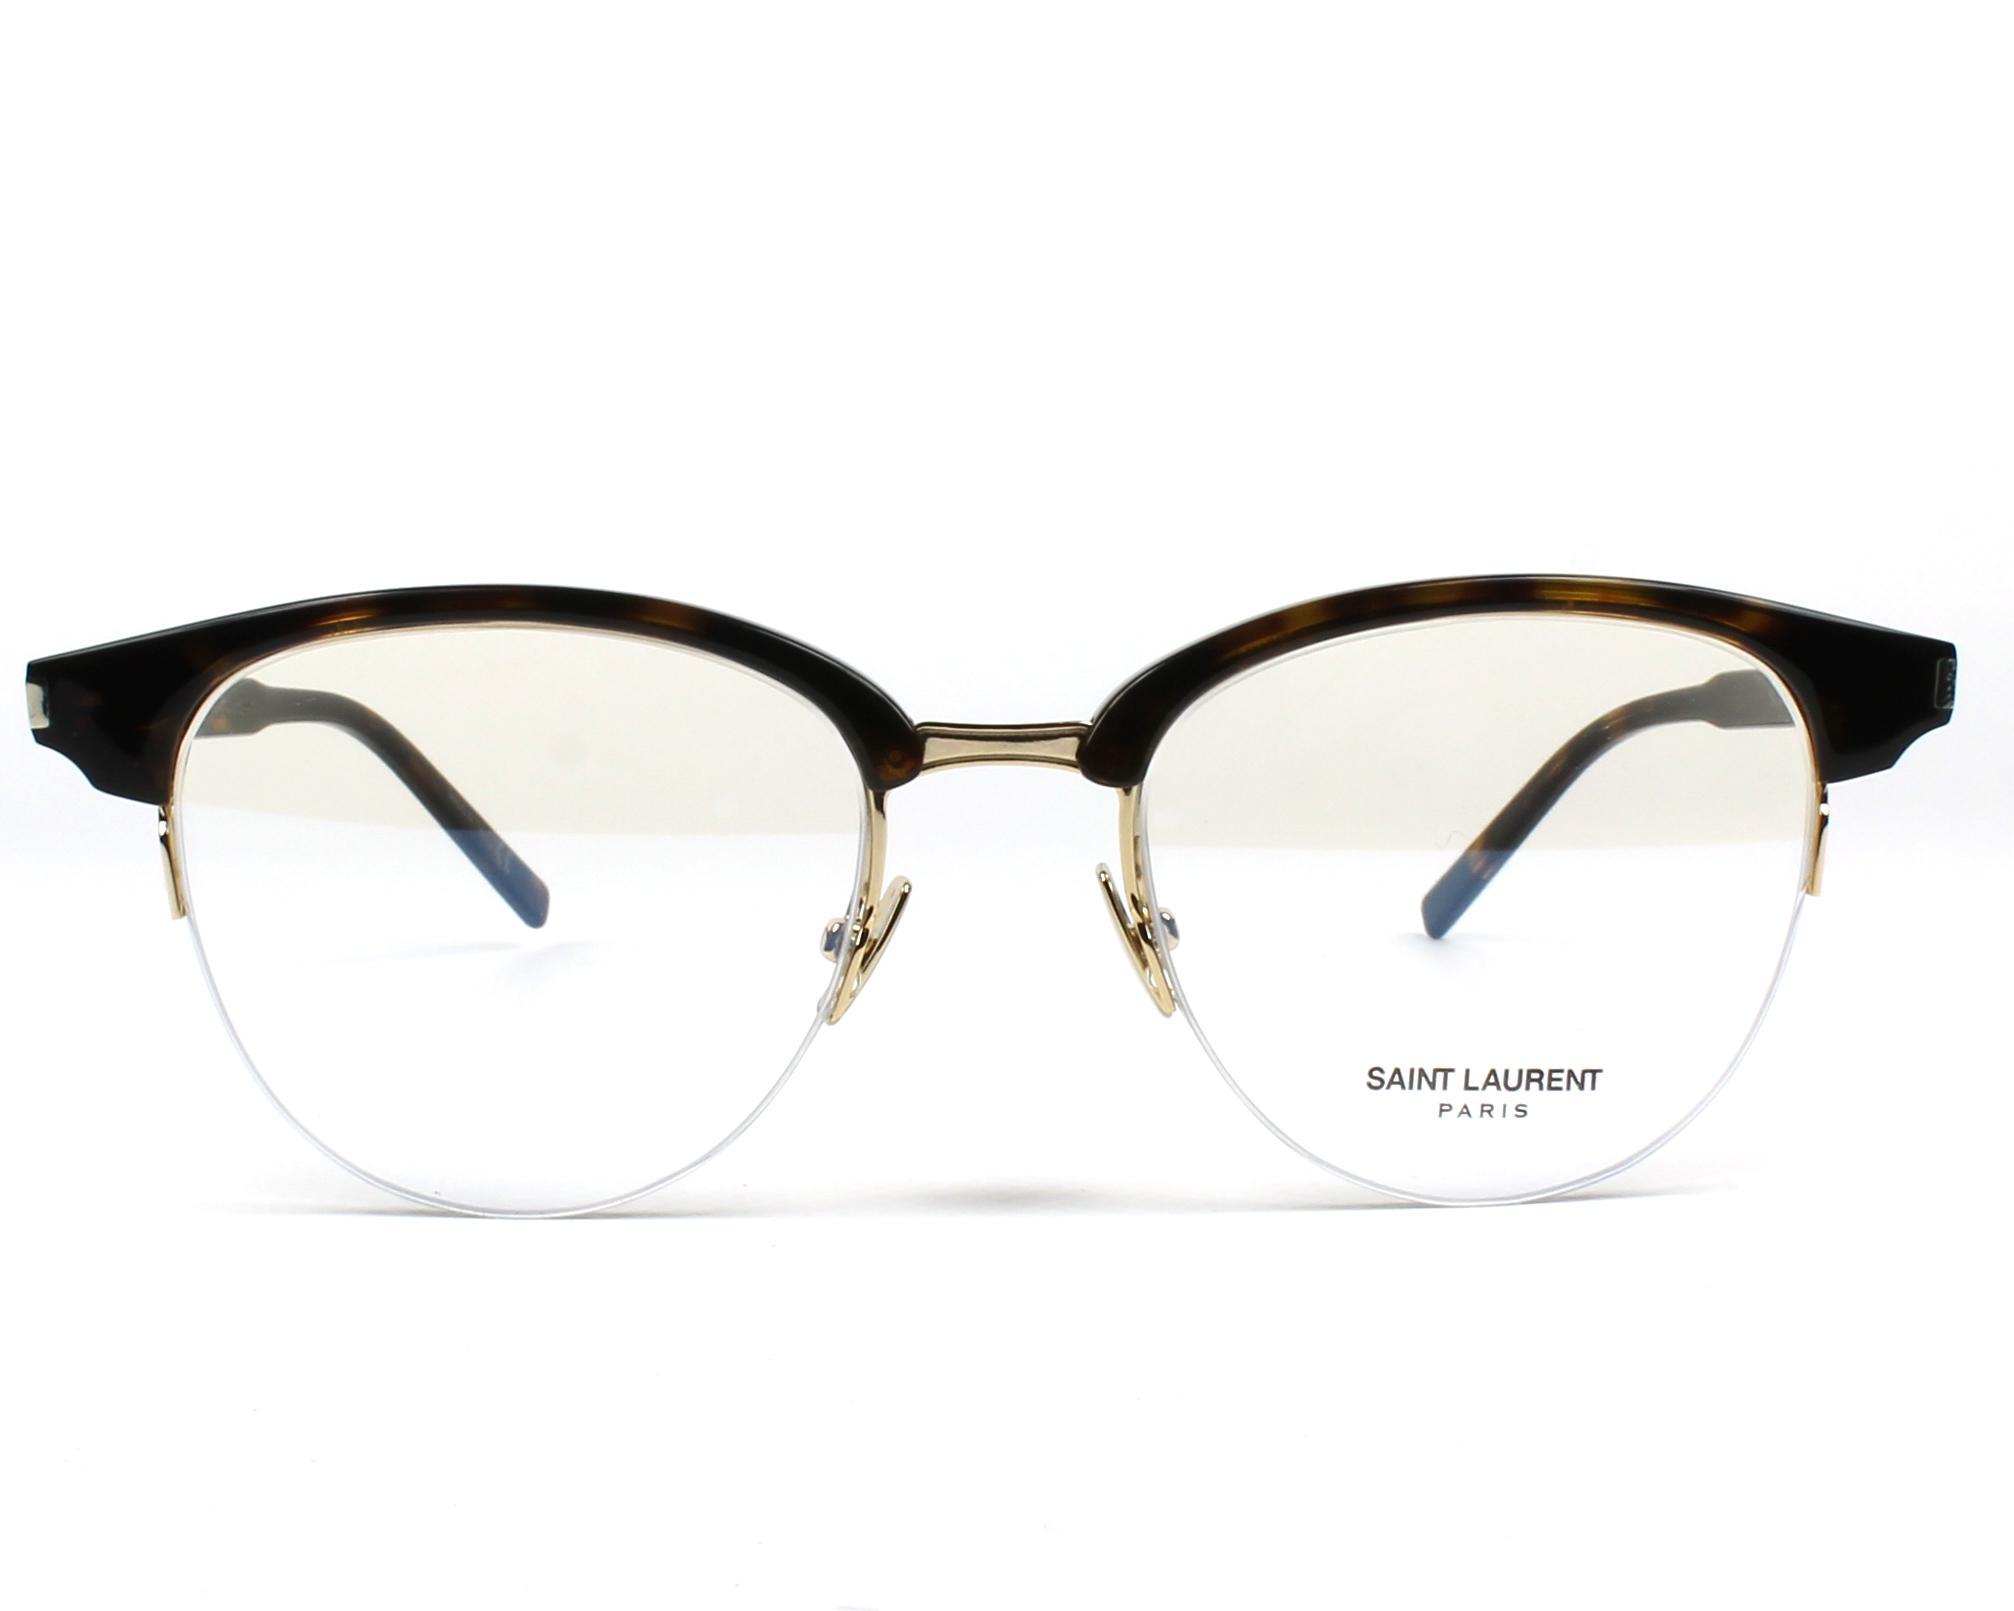 9a4ff1f4af8 eyeglasses Yves Saint Laurent SL-188-SLIM 002 49-18 Havana Gold front